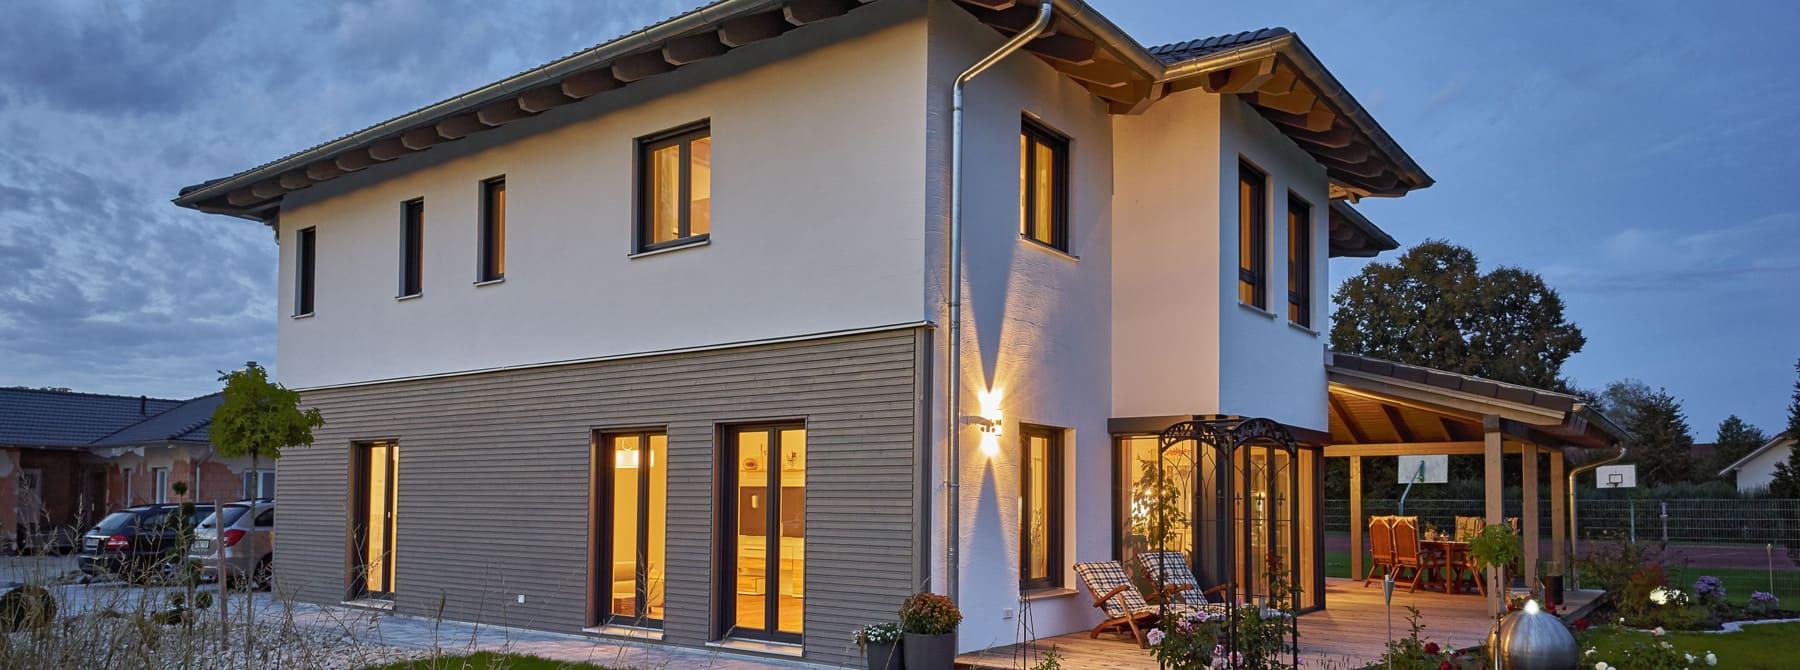 kunden holzhaus stefani urbanes wohnen im stadthaus. Black Bedroom Furniture Sets. Home Design Ideas